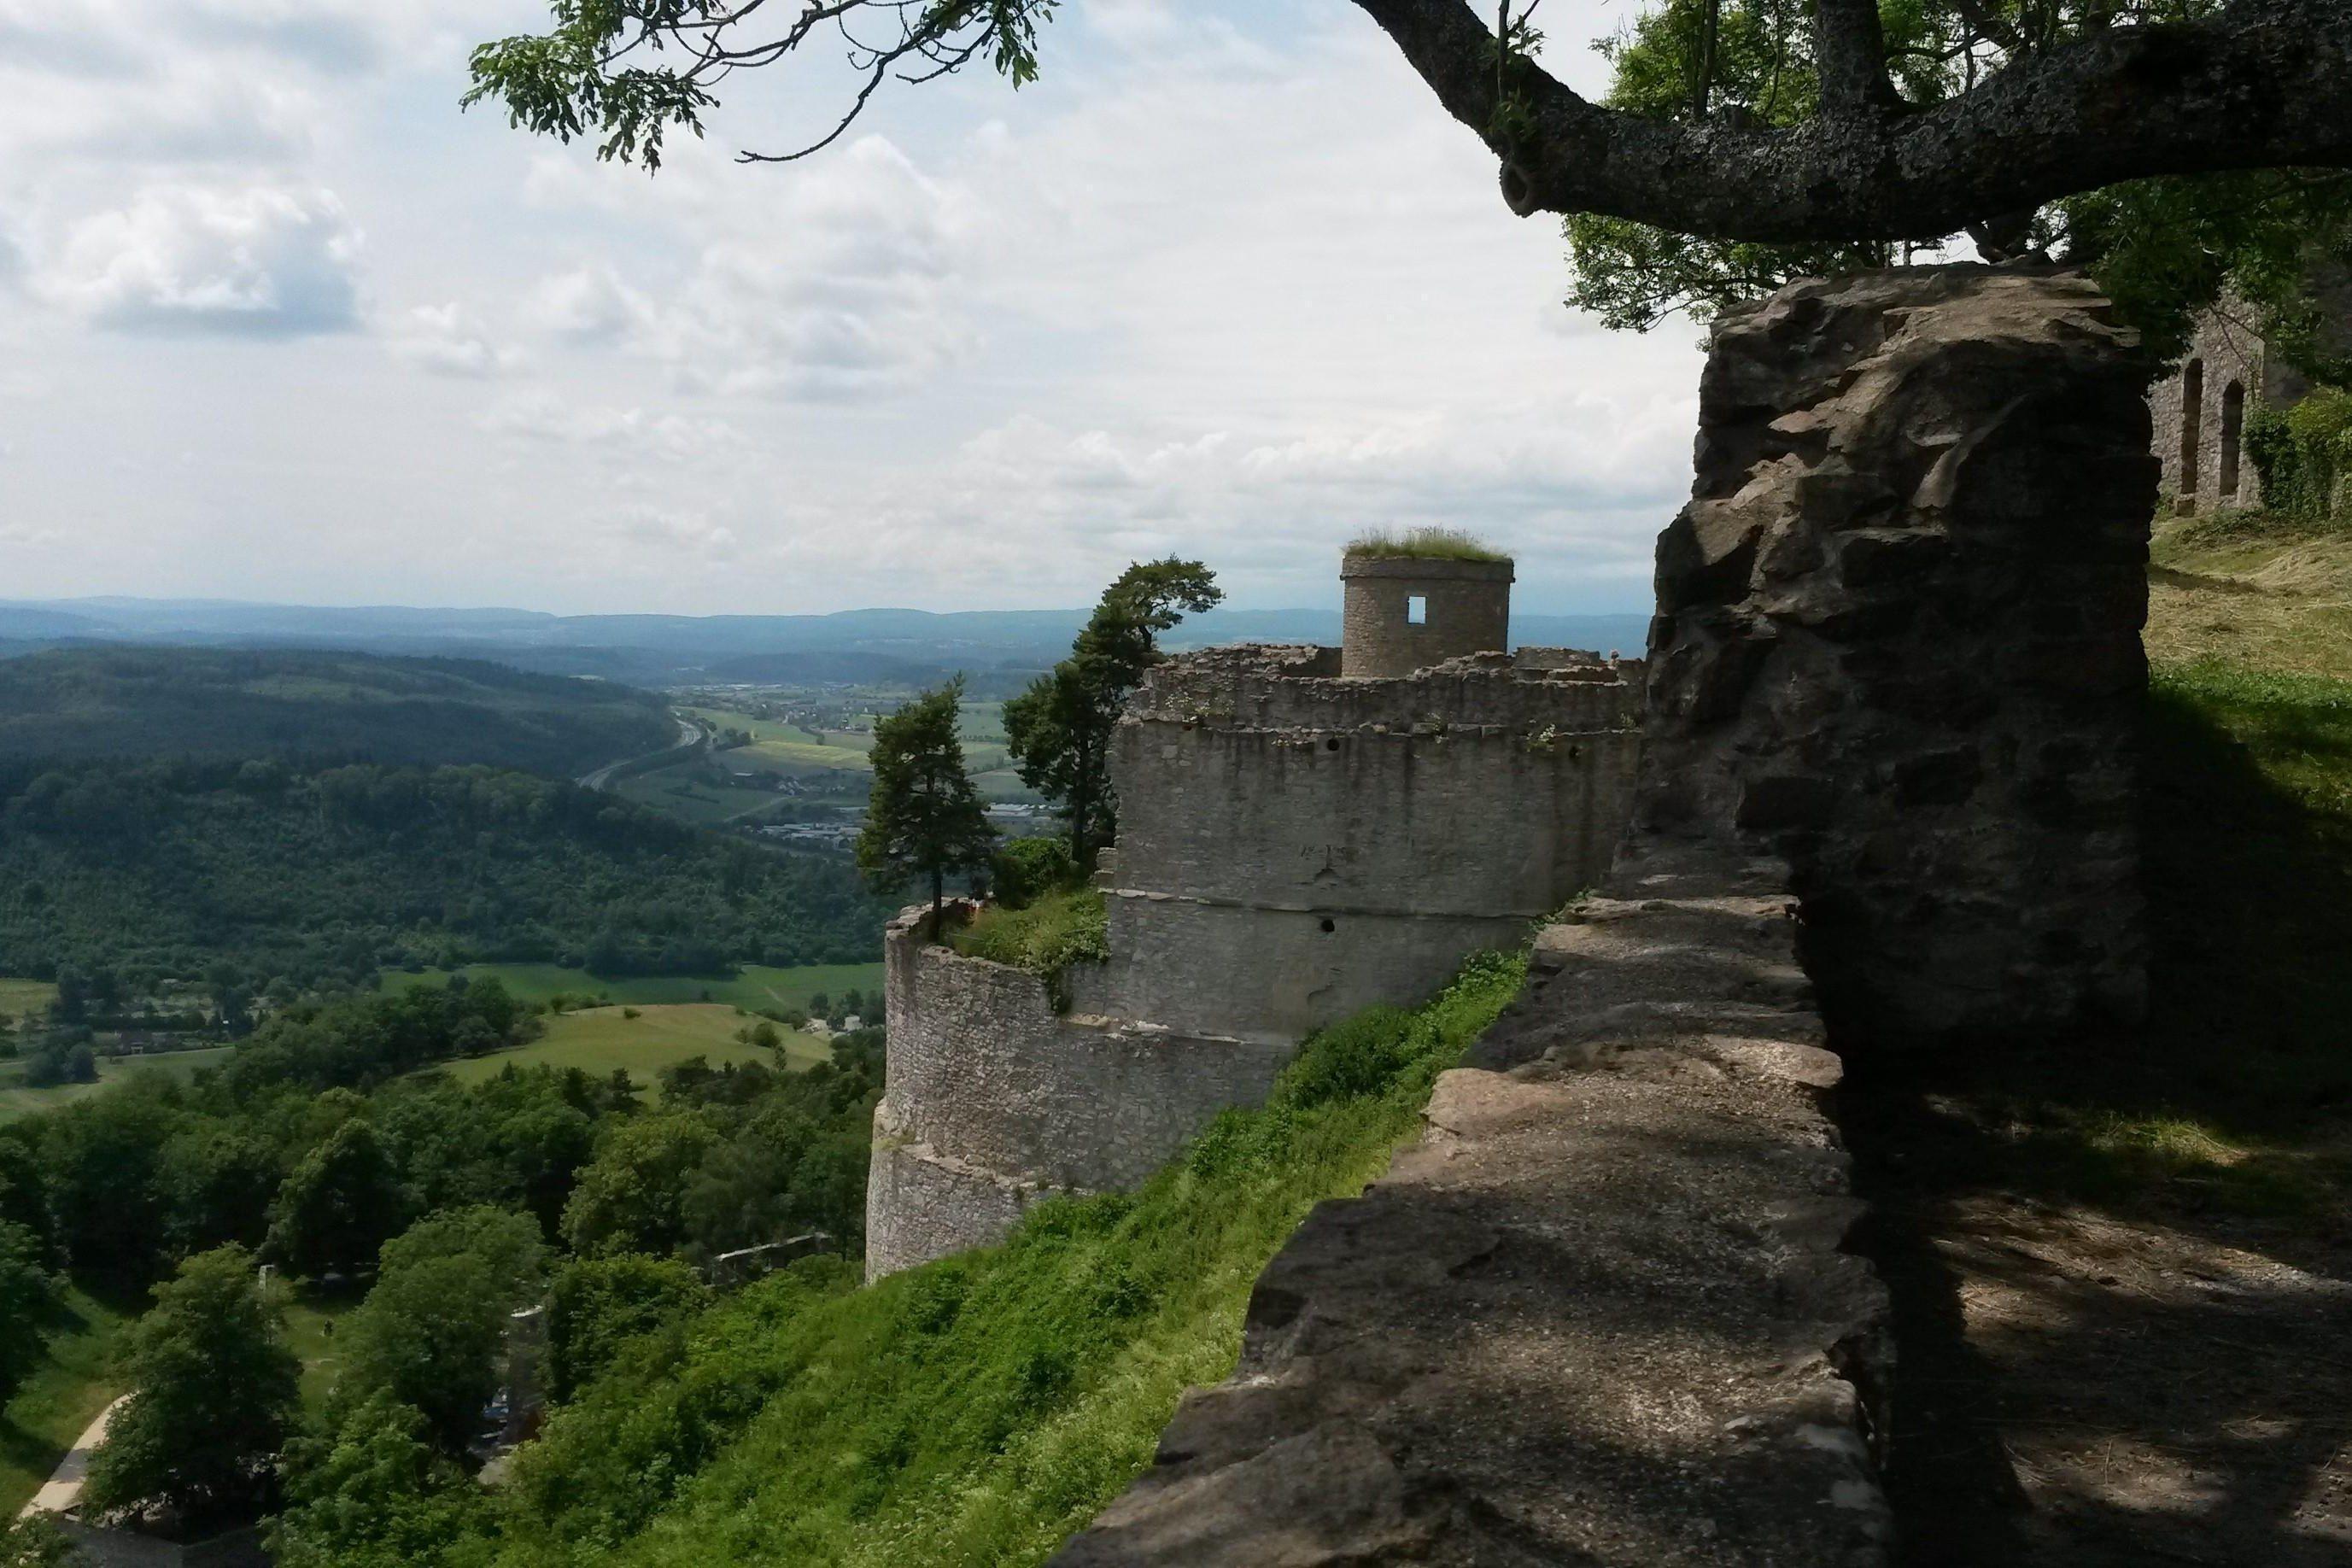 Festungsruine Hohentwiel, Ausblick auf das Umland; Foto: Staatsanzeiger für Baden-Württemberg GmbH & Co. KG, Cornelia Lindenberg